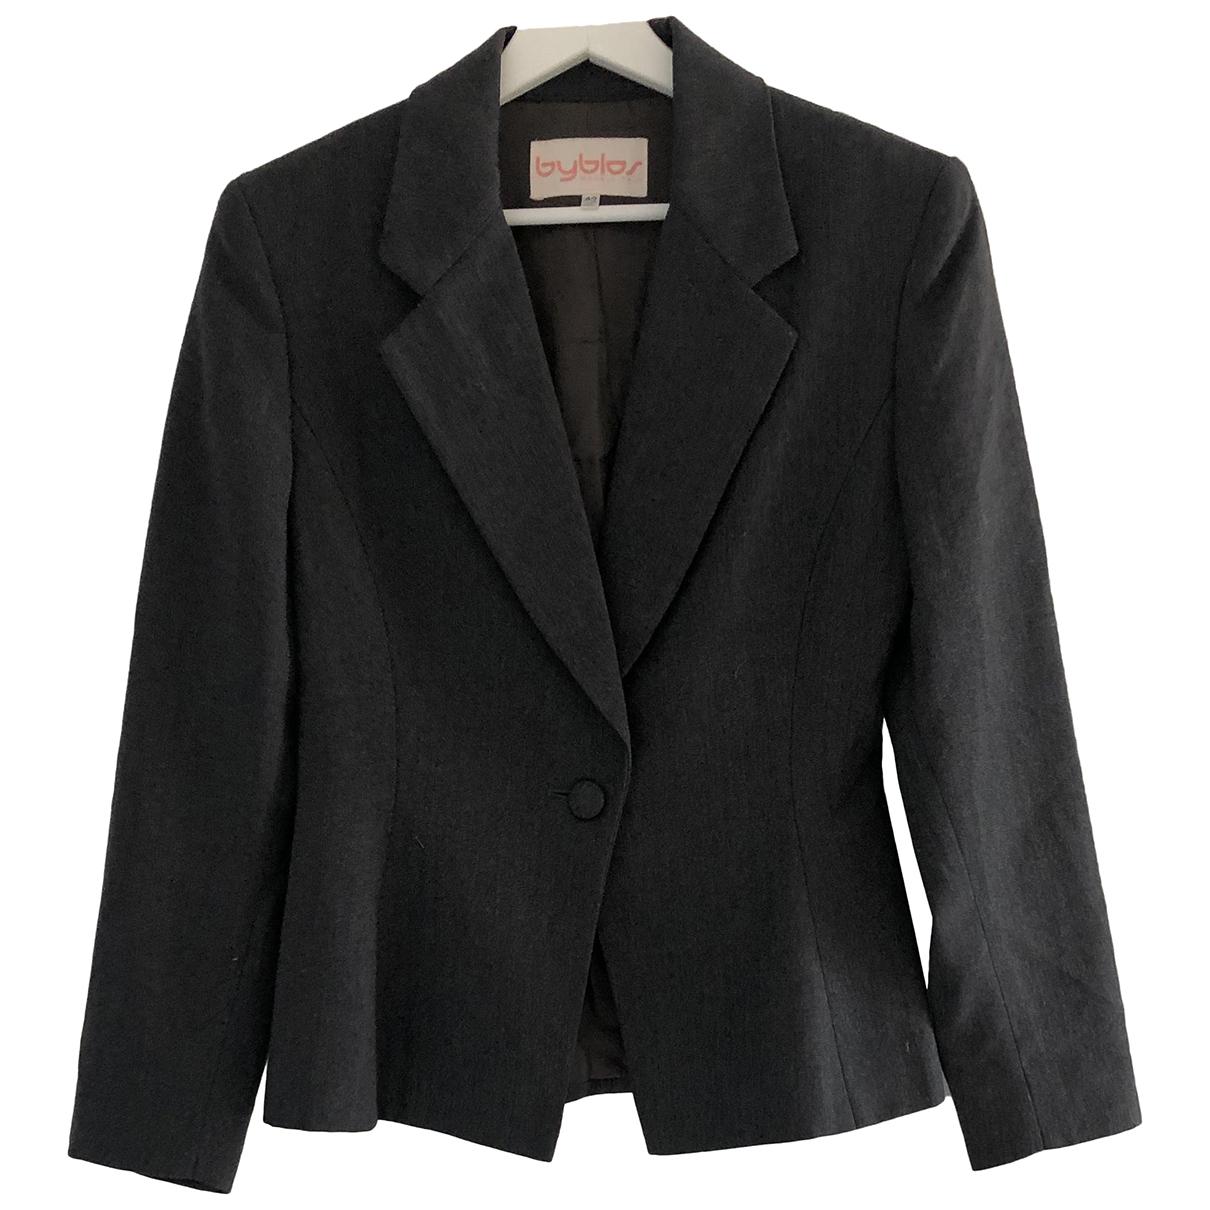 Byblos - Veste   pour femme en laine - anthracite